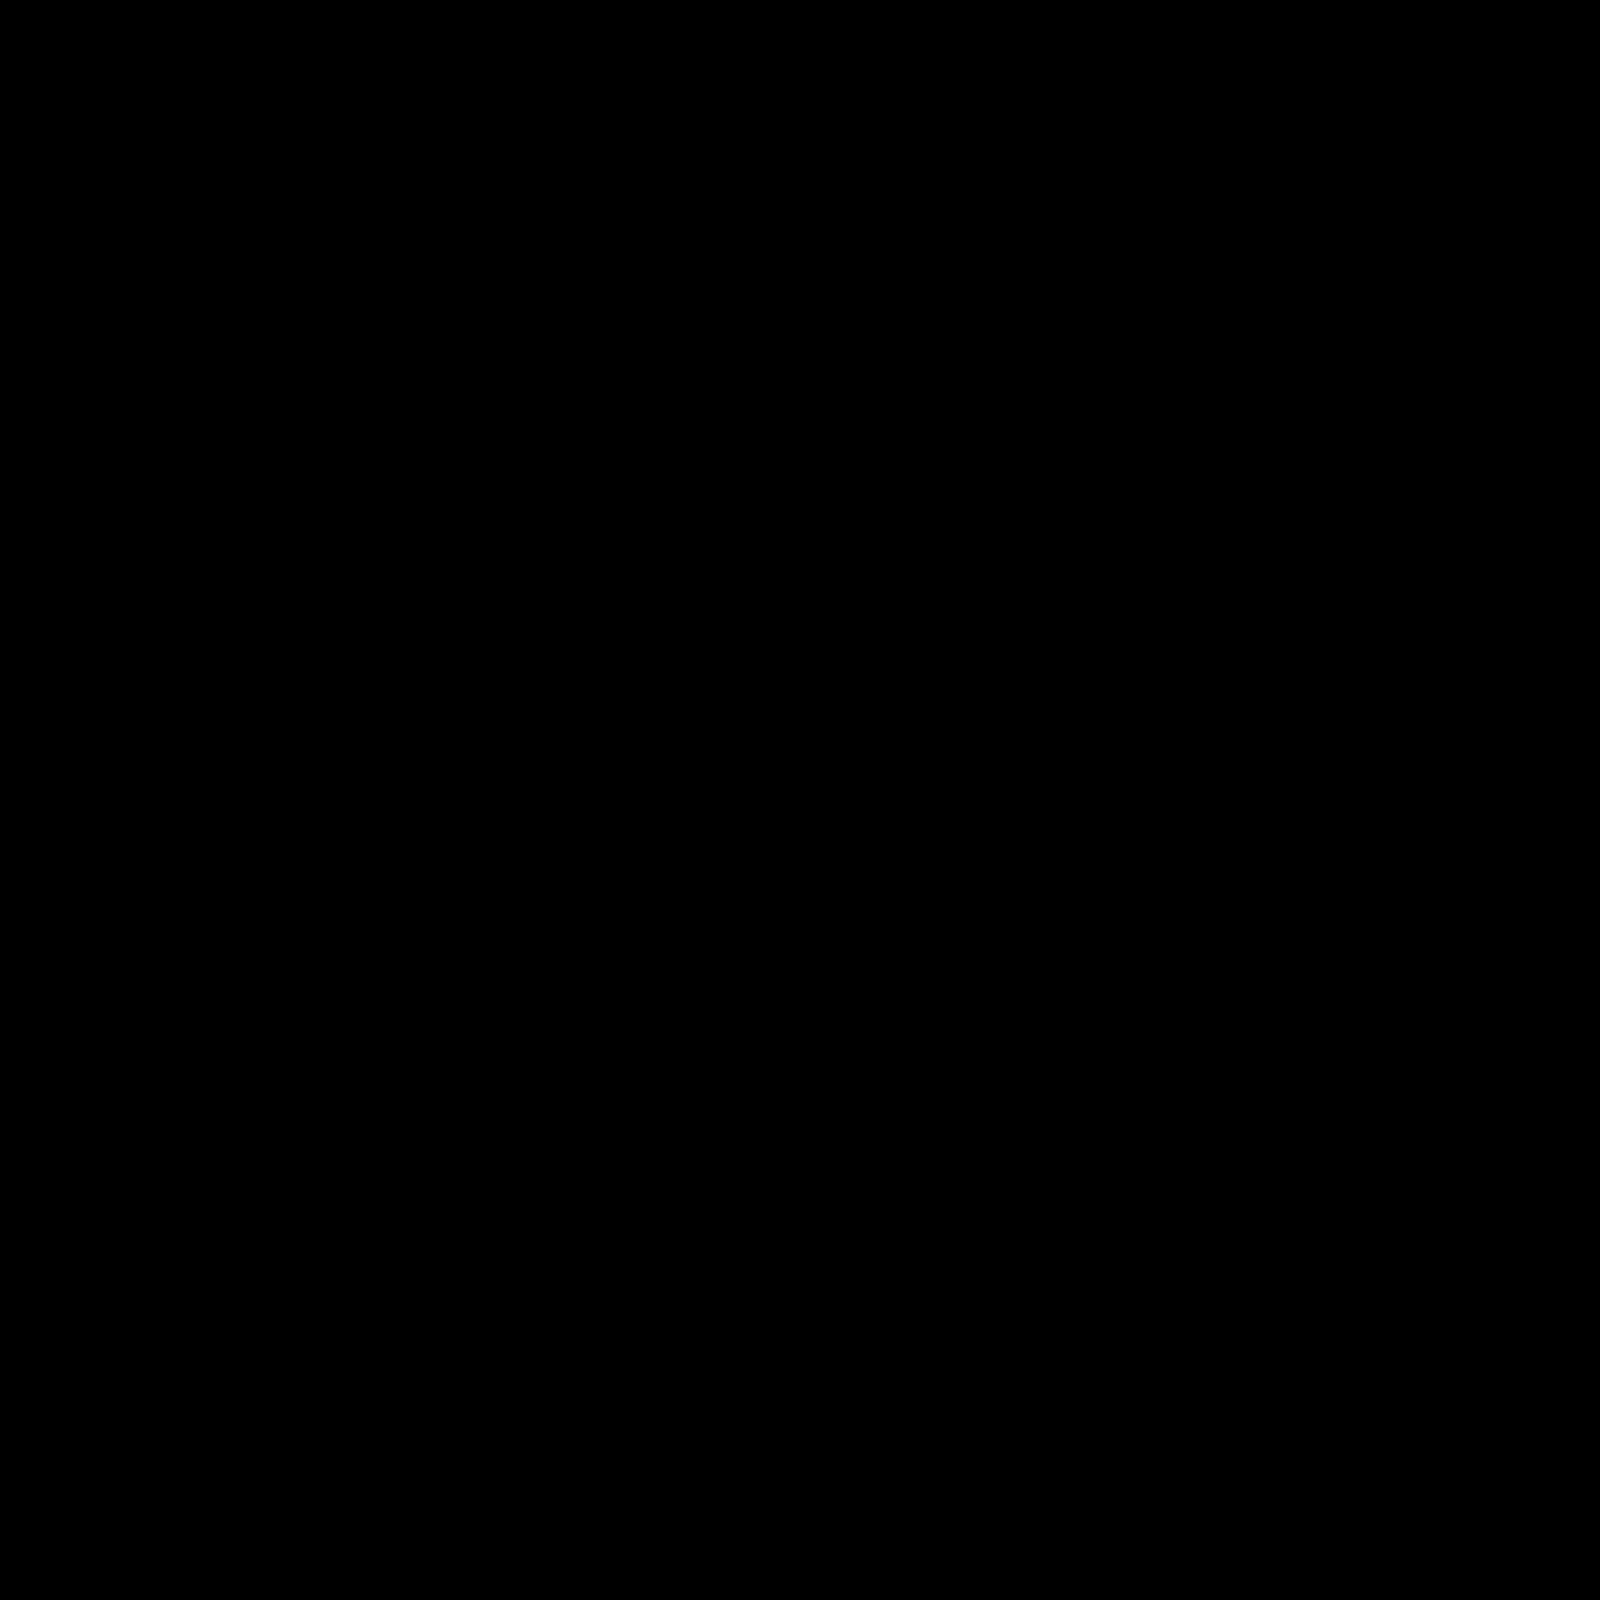 ヘ音記号 icon